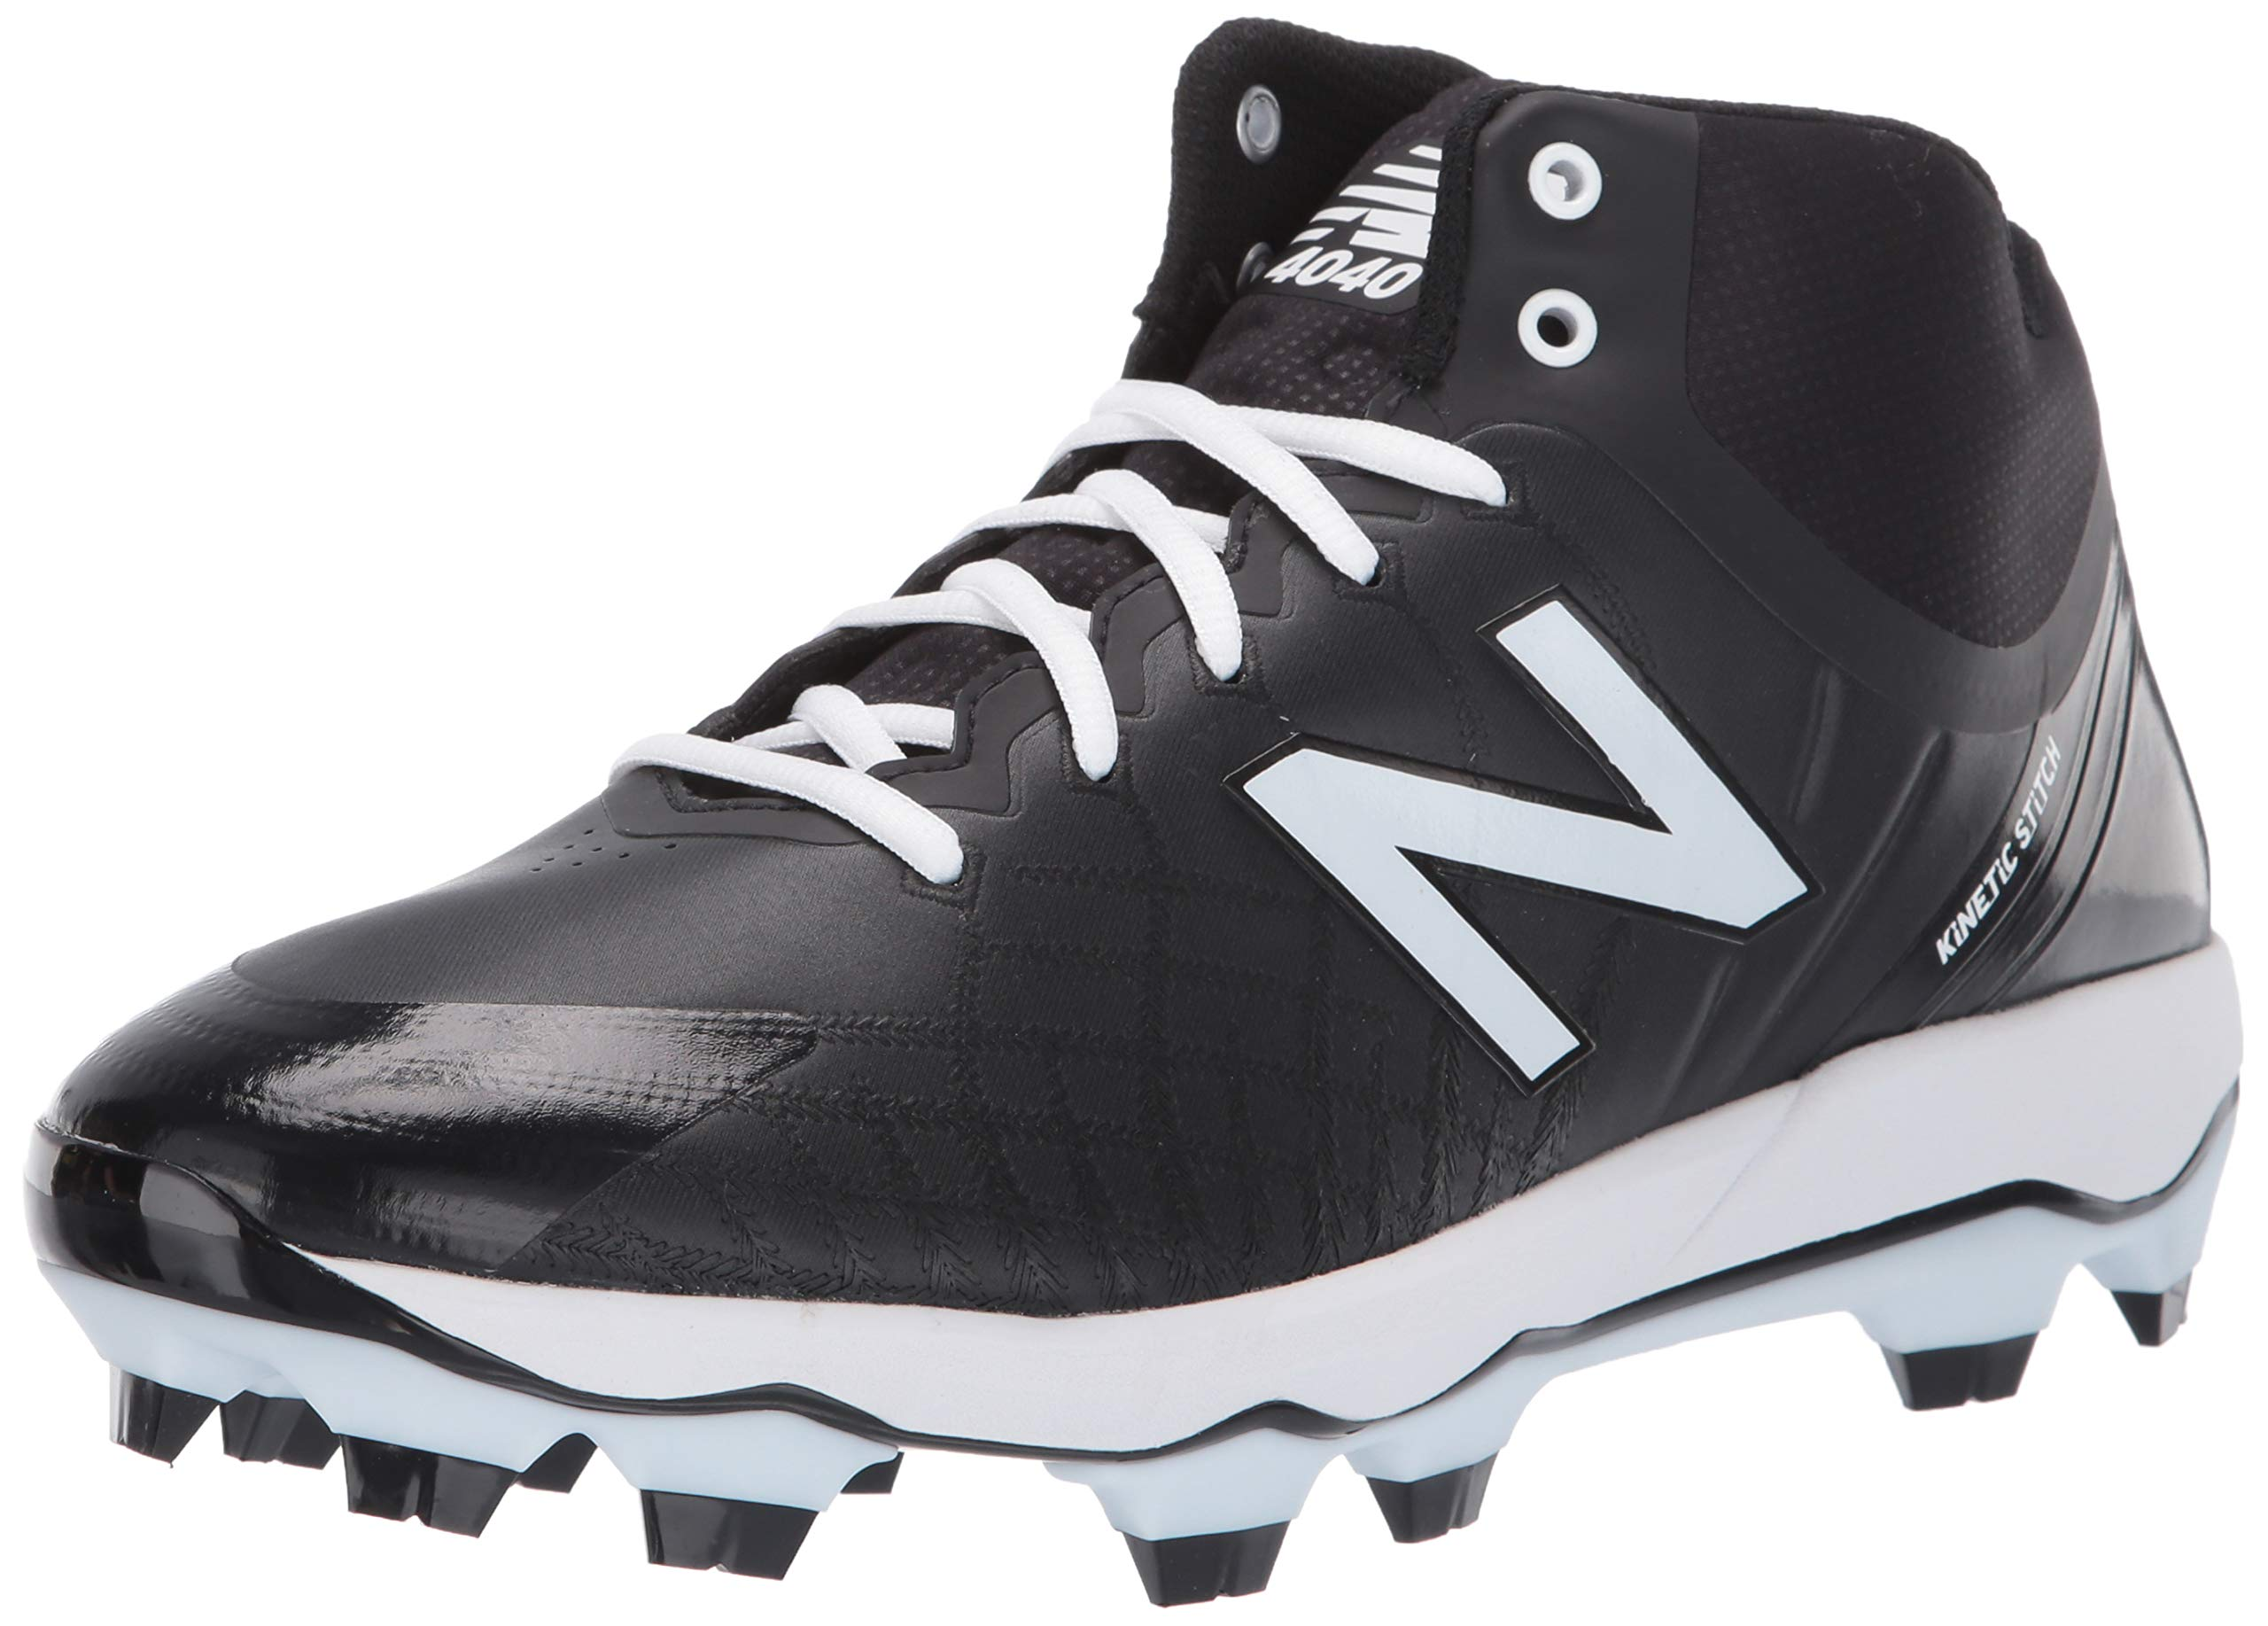 New Balance Men's 4040v5 Molded Baseball Shoe, Black/White, 8 XW US by New Balance